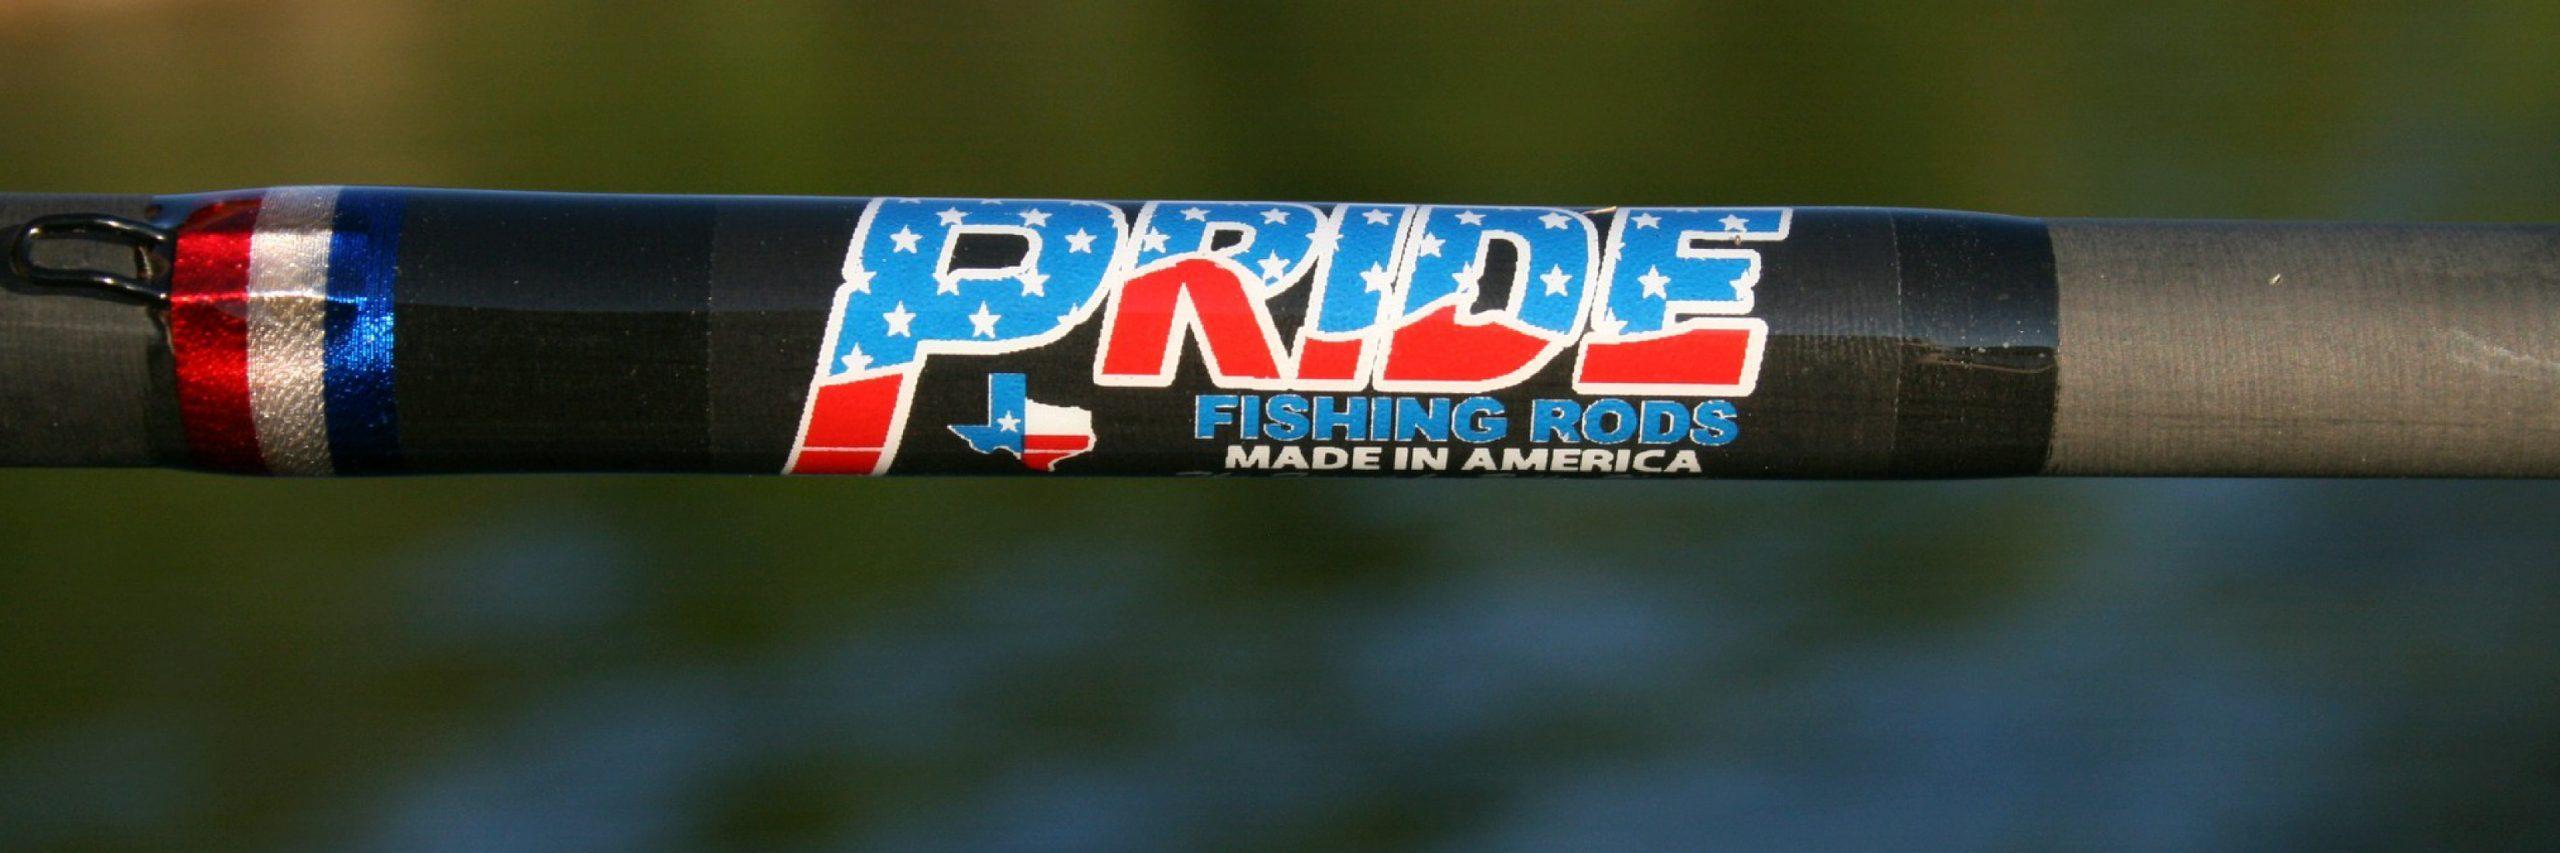 pride rods banner slide image 2